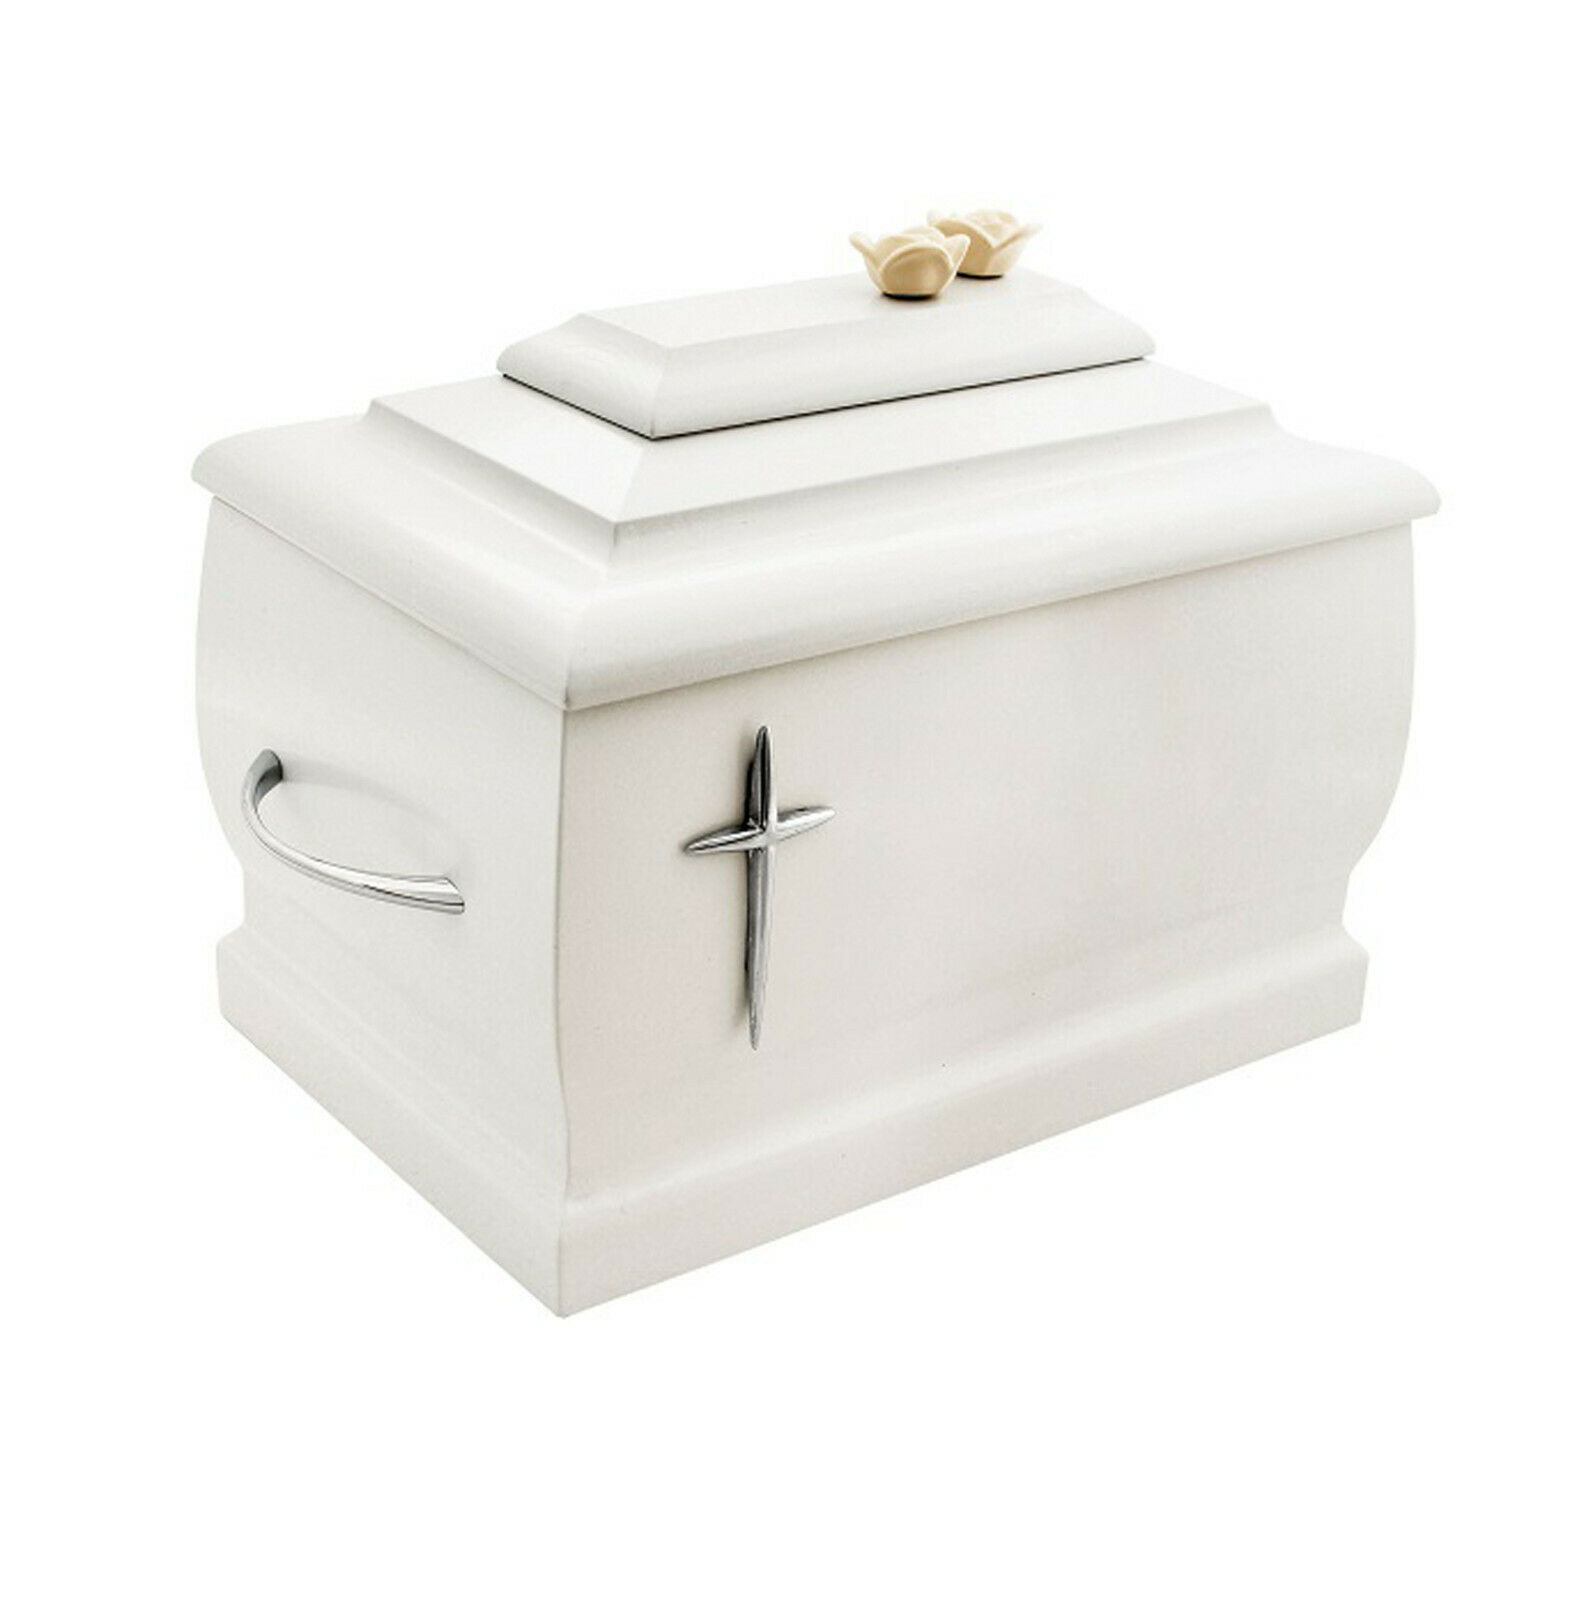 En Bois Blanc Urne pour Adulte Cremains Uniques Mémorial Funérailles Human Ashes